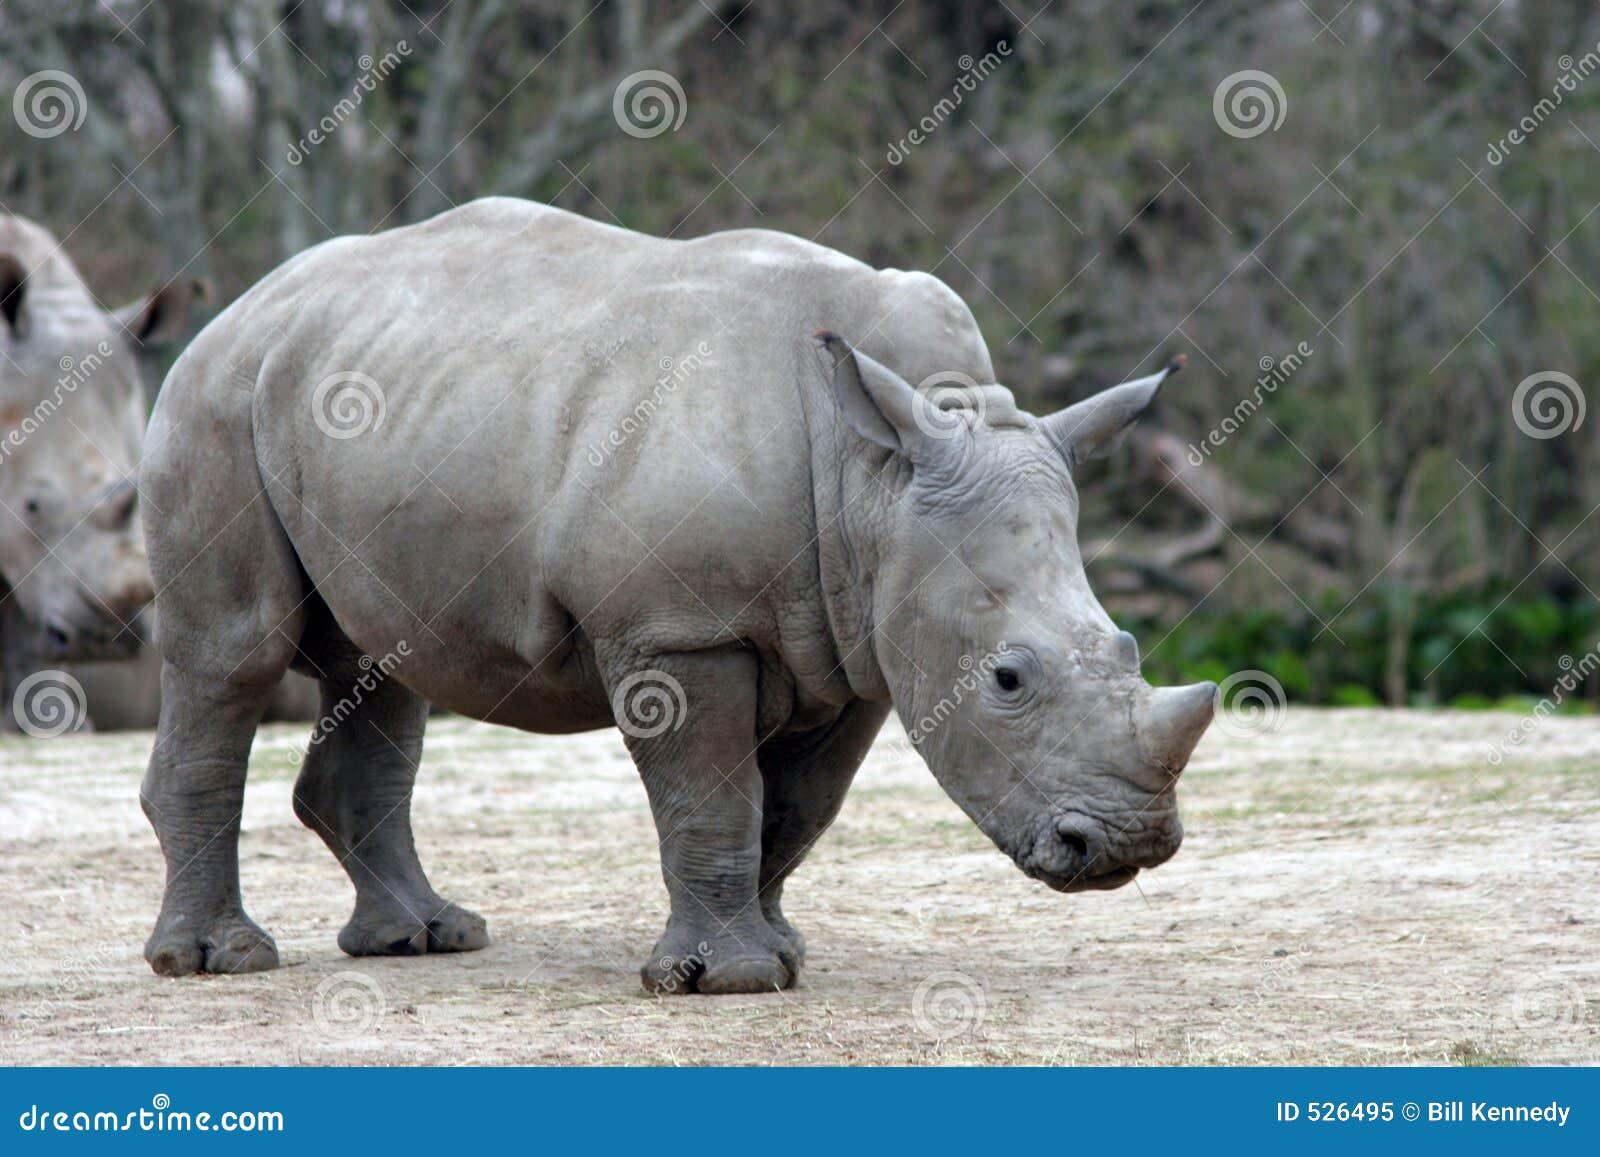 Download 小犀牛 库存图片. 图片 包括有 狩猎, 大量, 犀牛, 残破, 敌意, 原野, 本质, 哺乳动物, 生物, 重婚 - 526495